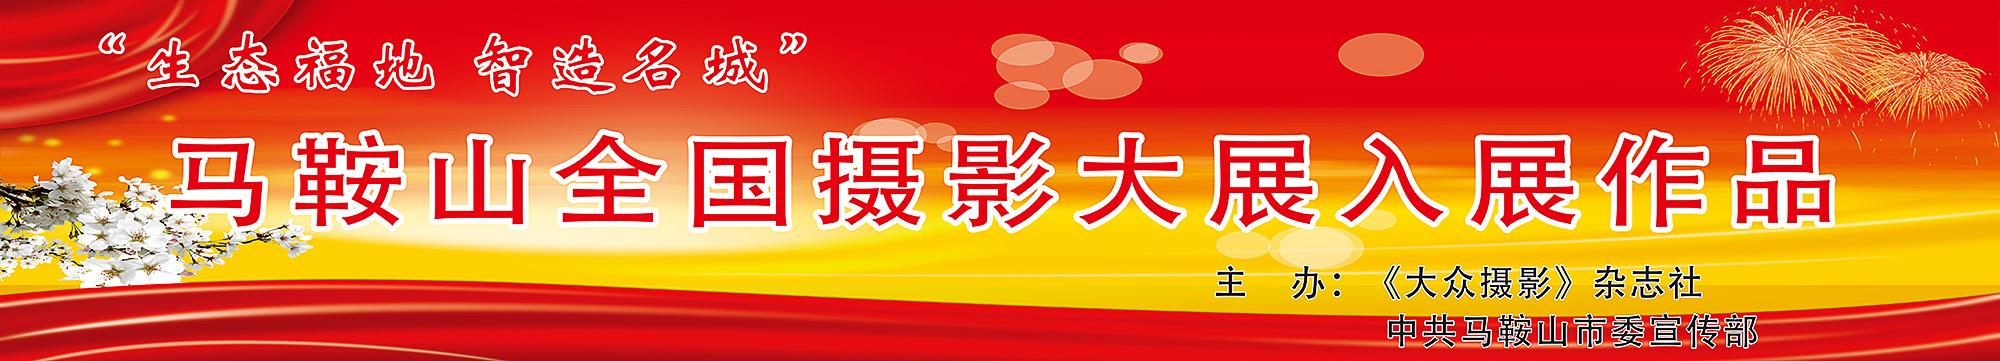 """2019""""生态福地 智造名城""""马鞍山全国摄影大展获奖作品"""